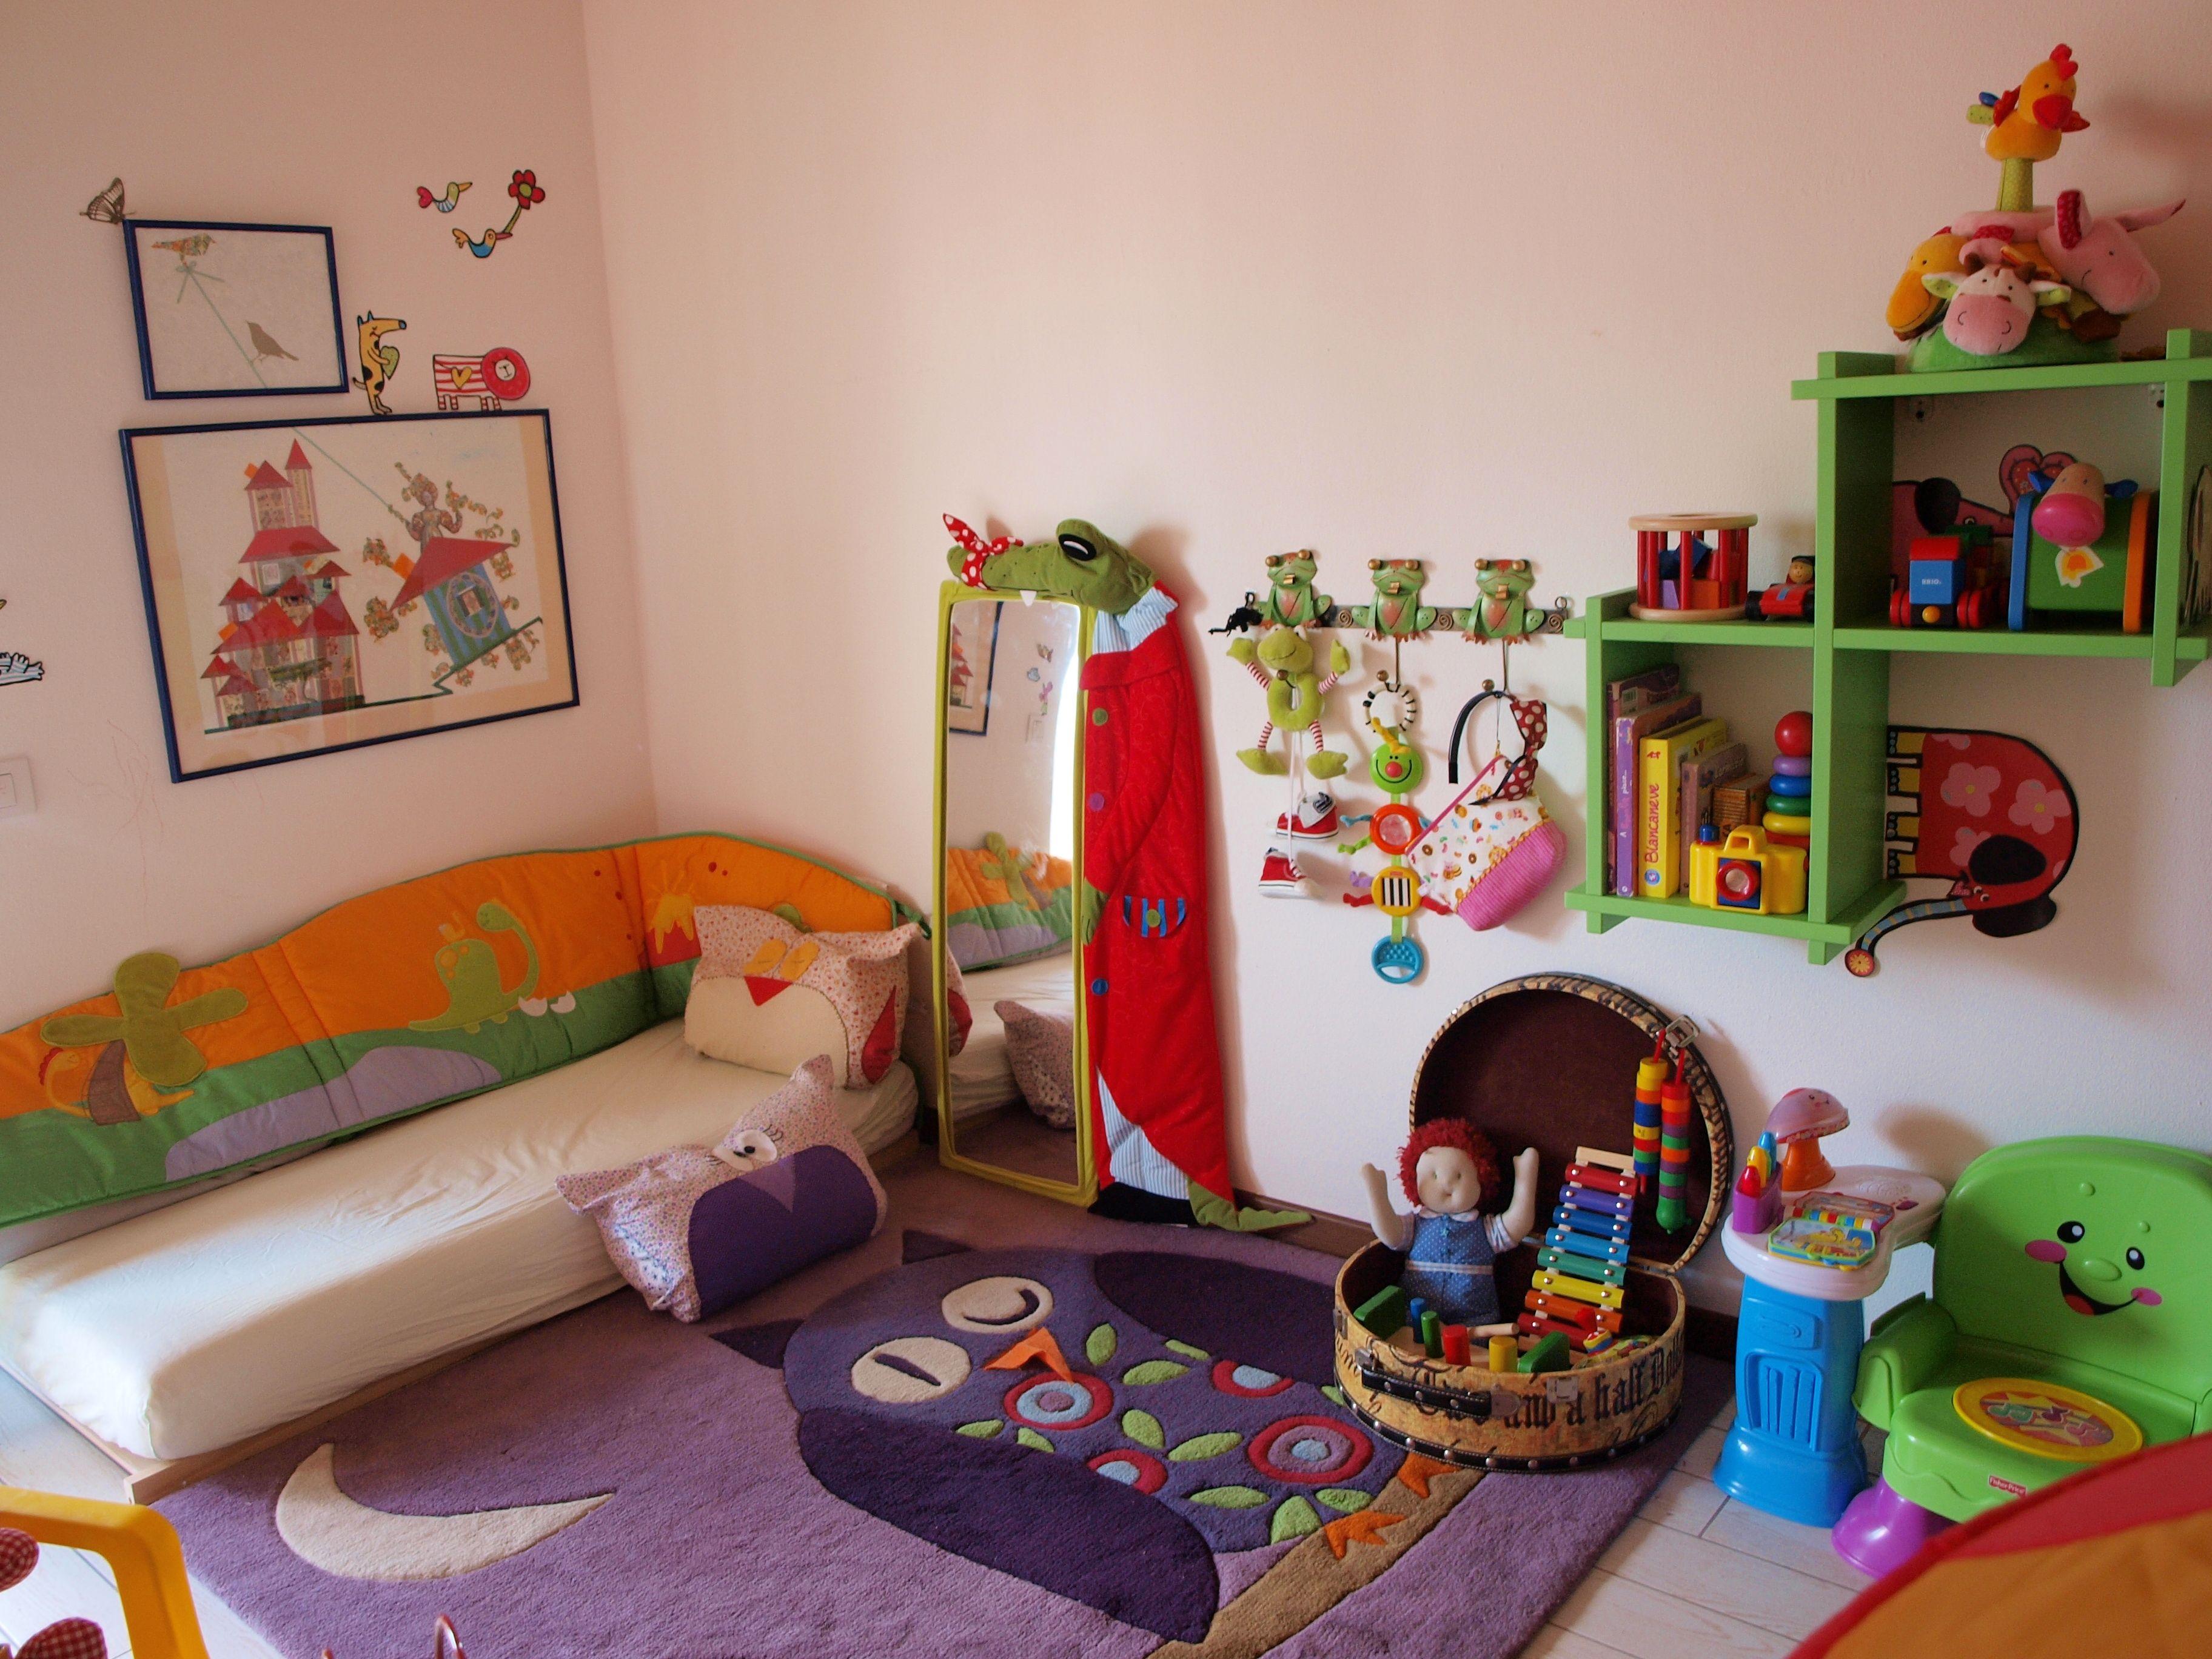 quarto montessoriano foto joice preira spawn salle de jeux amenagement salle de jeux salle. Black Bedroom Furniture Sets. Home Design Ideas